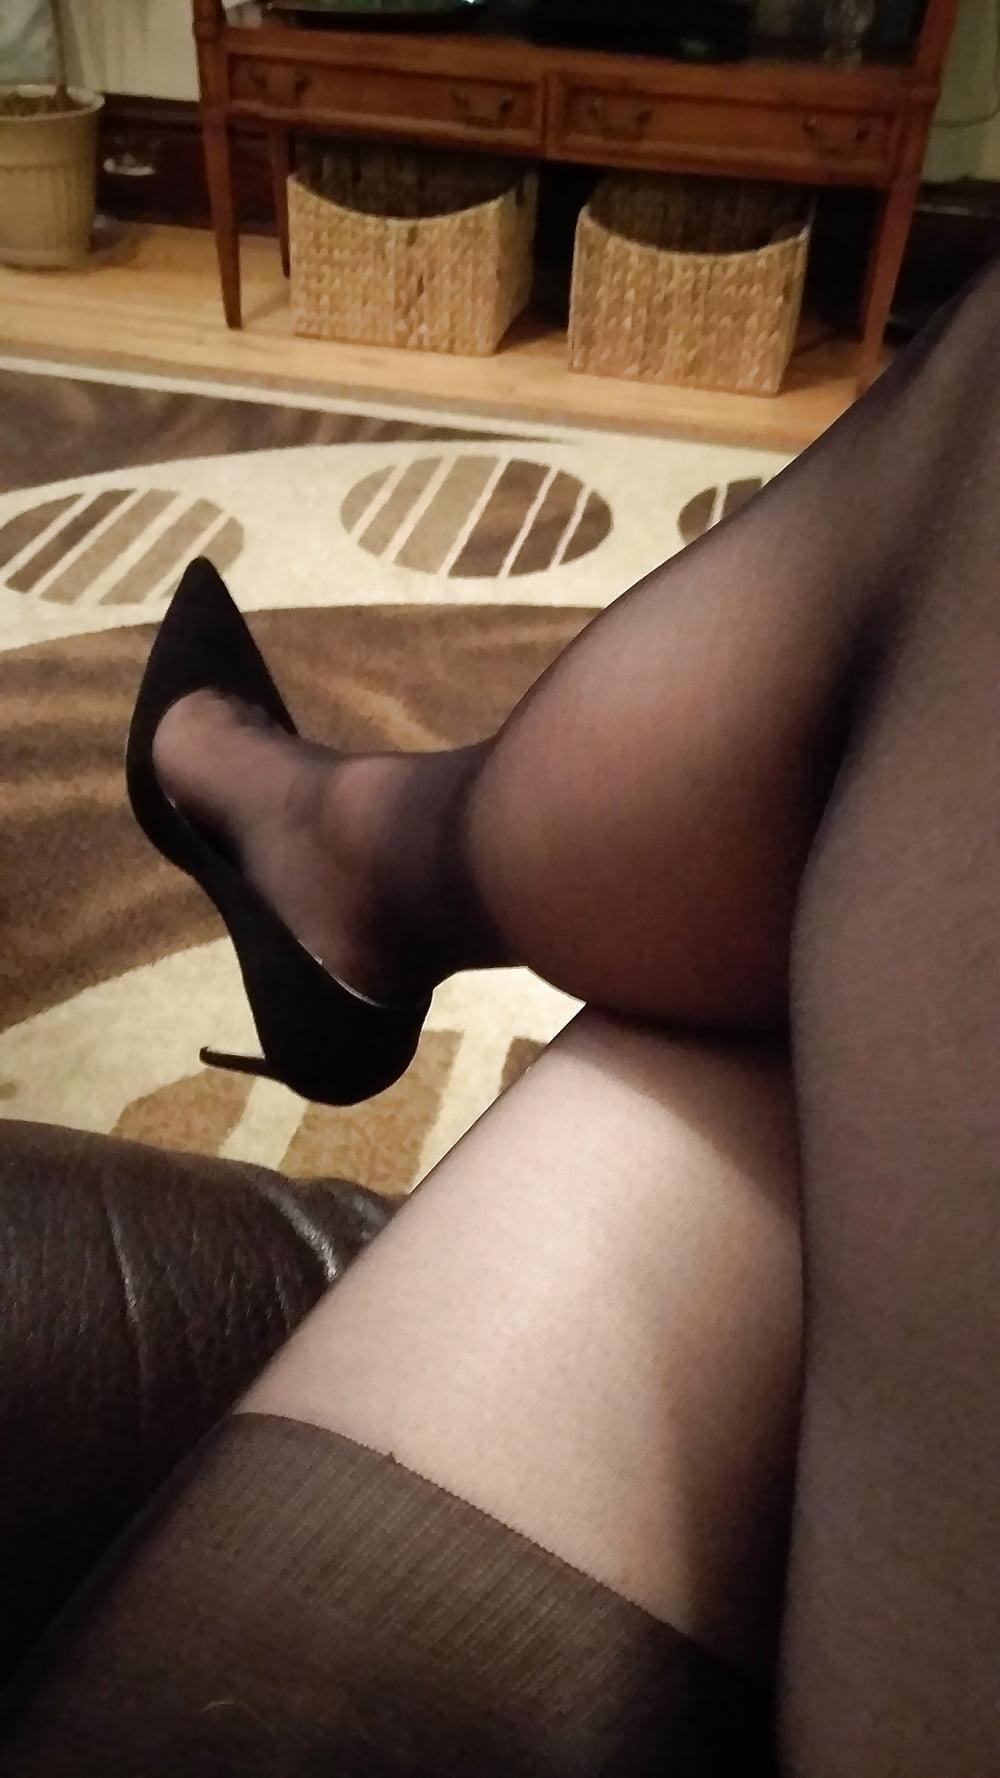 men-wearing-stockings-and-pantyhose-galleries